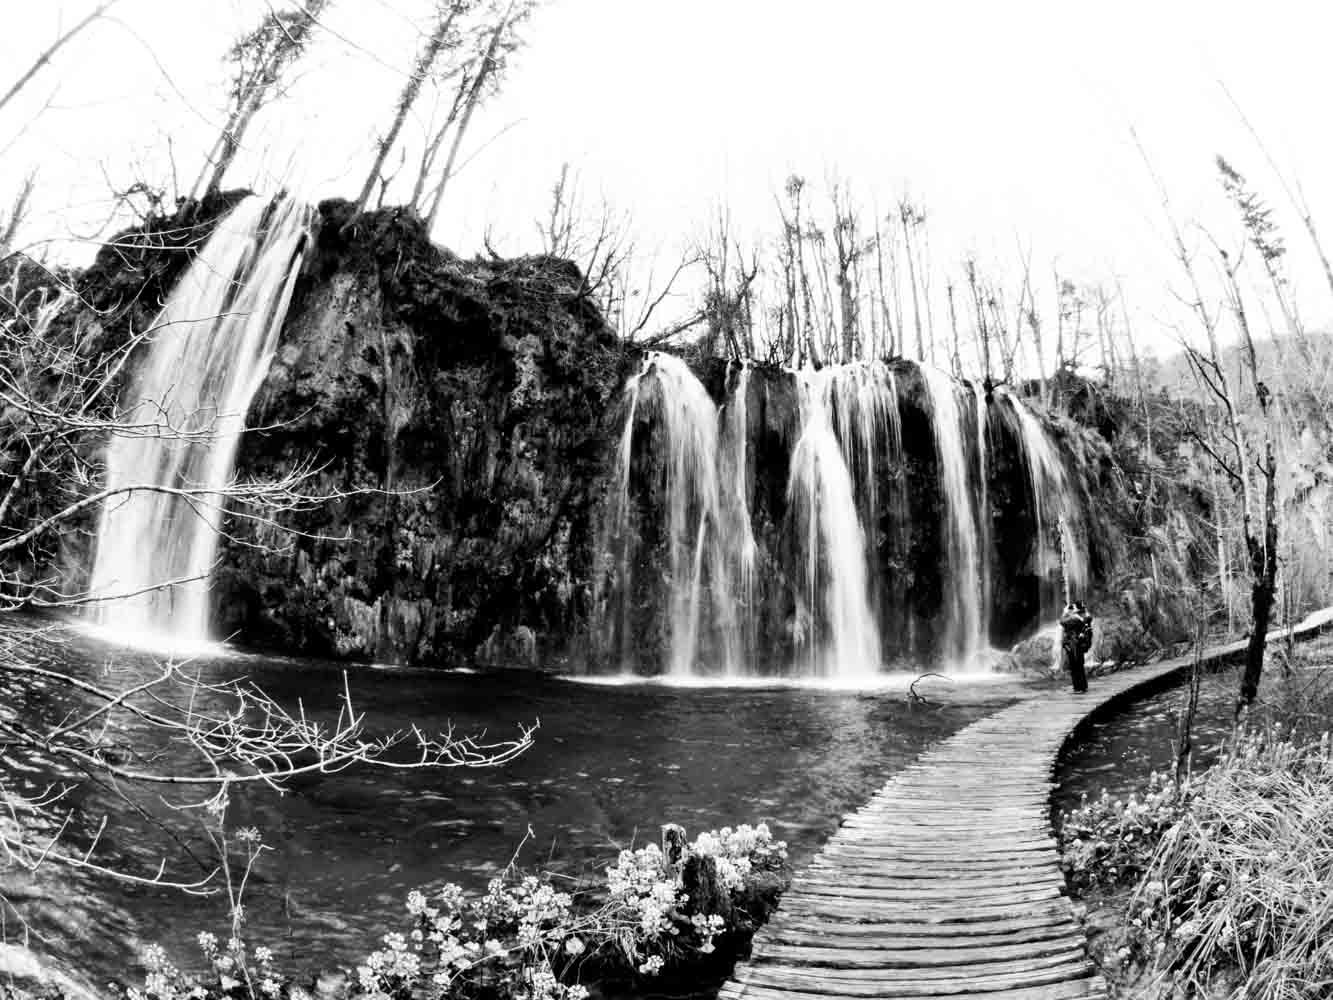 Plitvice_Kroatien_Croatia_Plitvice_jezero-17